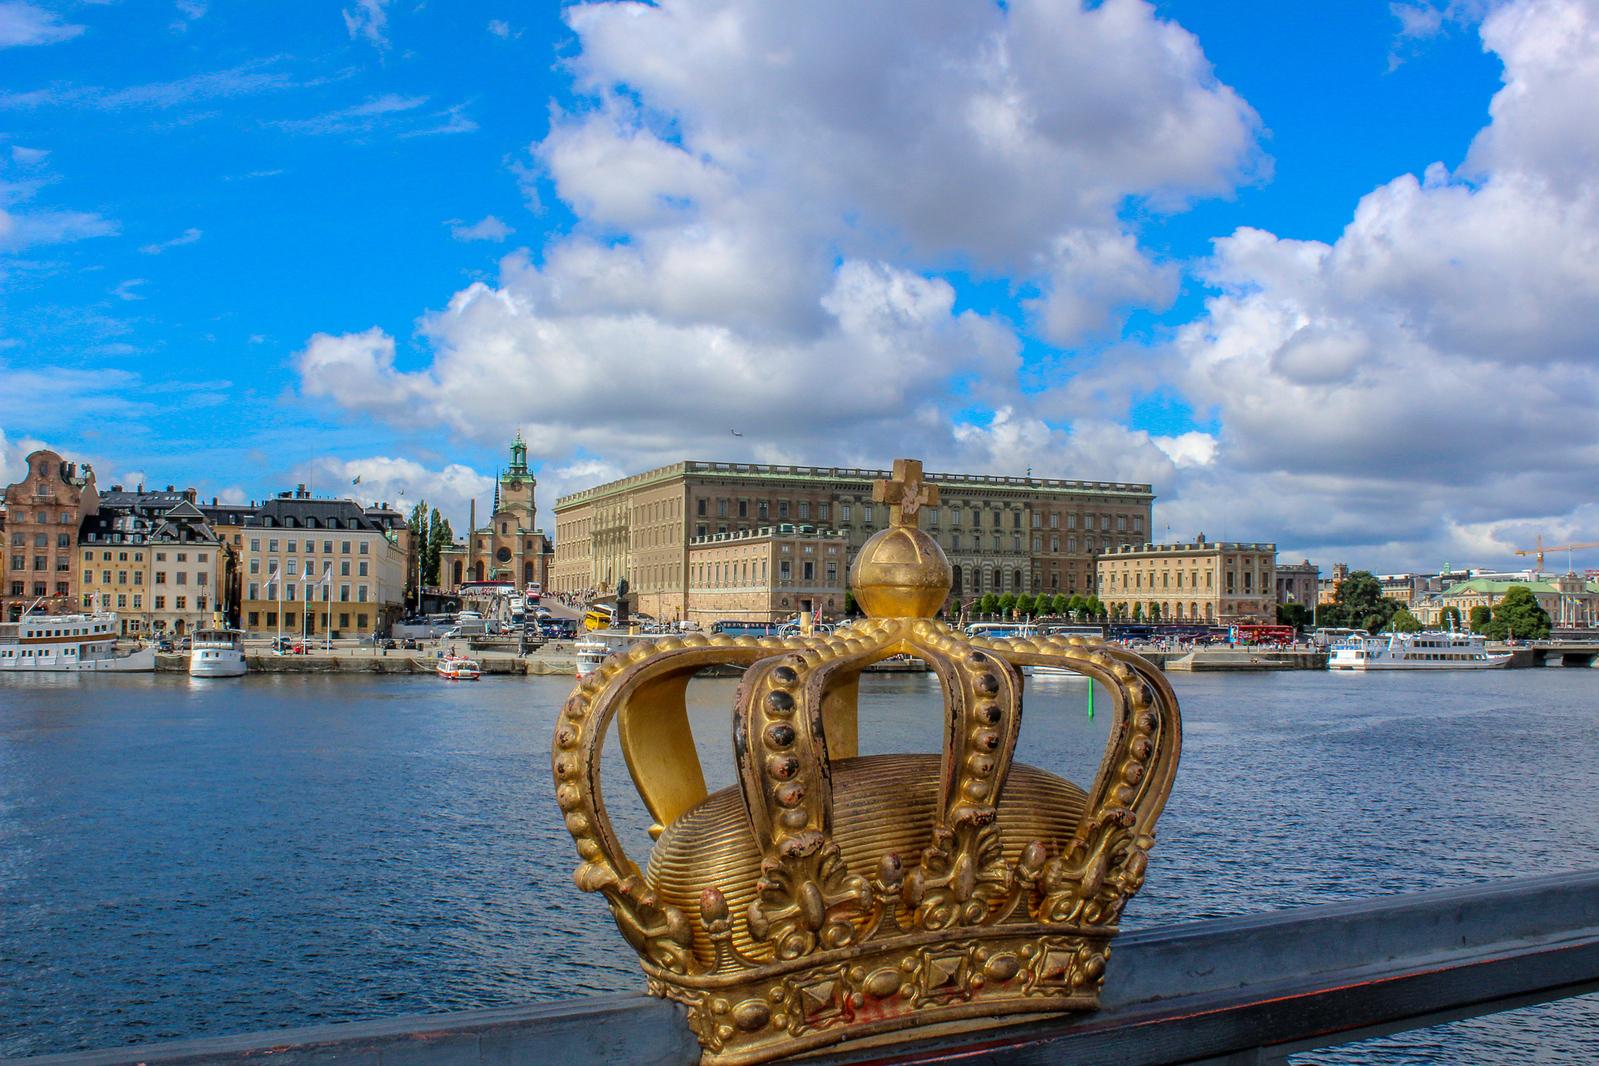 1 day stockholm: take a enjoyable boat ride